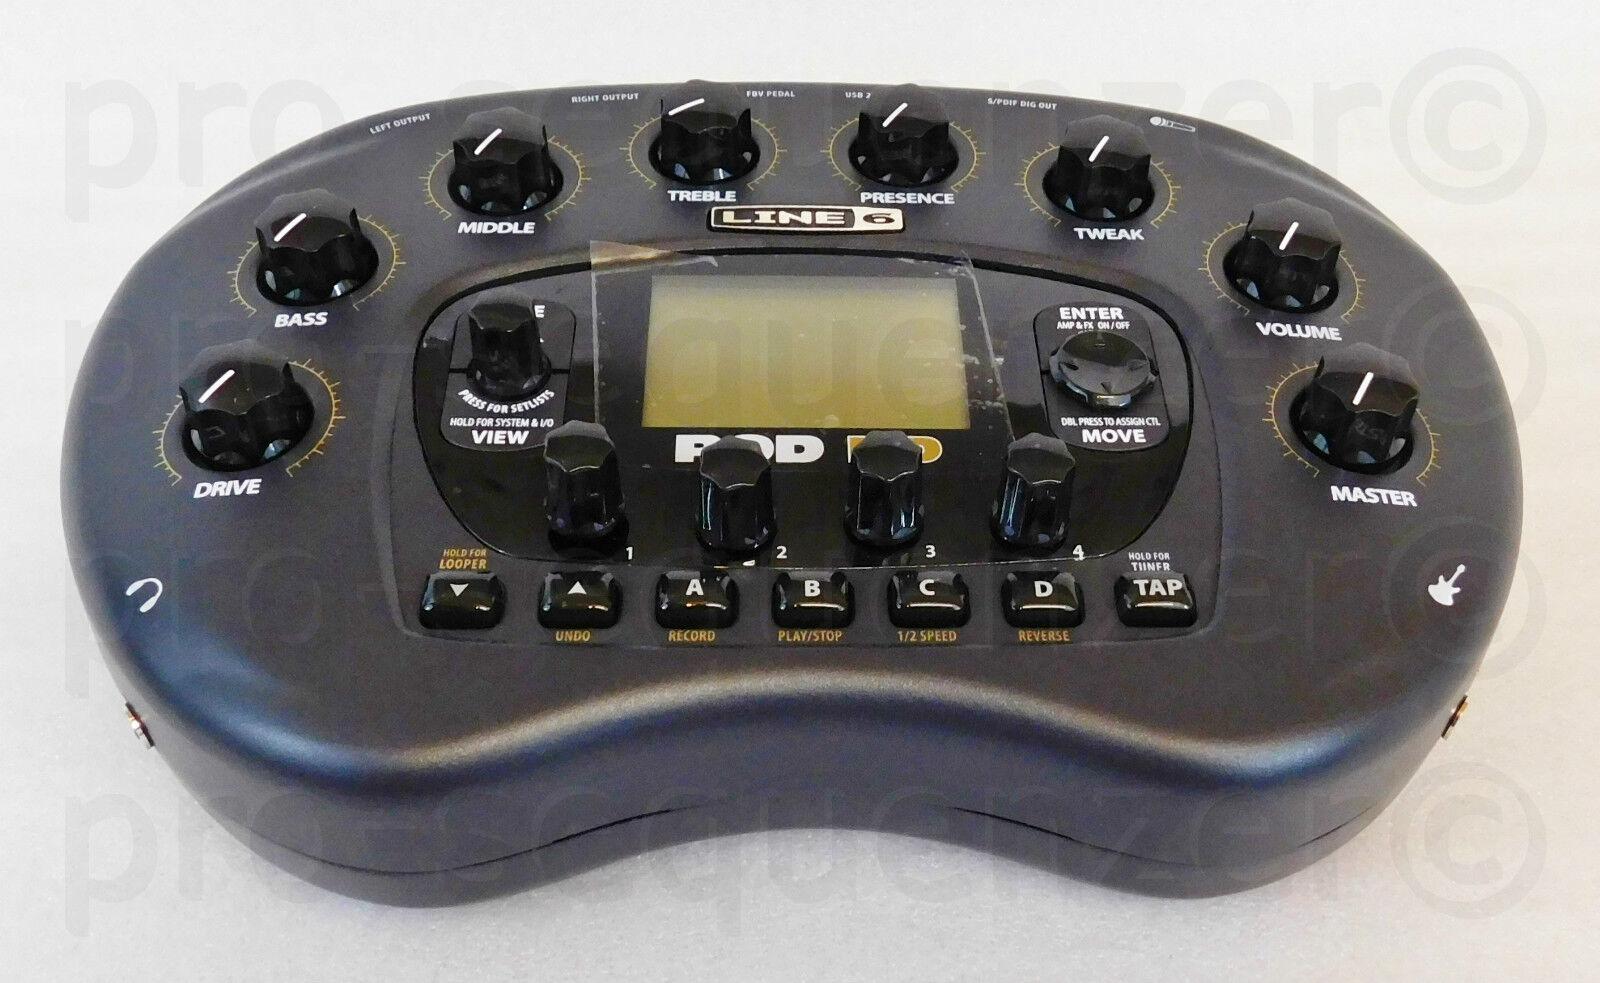 Line 6 pod + HD frijol riñón Guitar Modeling + como nuevo + pod embalaje original + 2 años de garantía cbd6d1